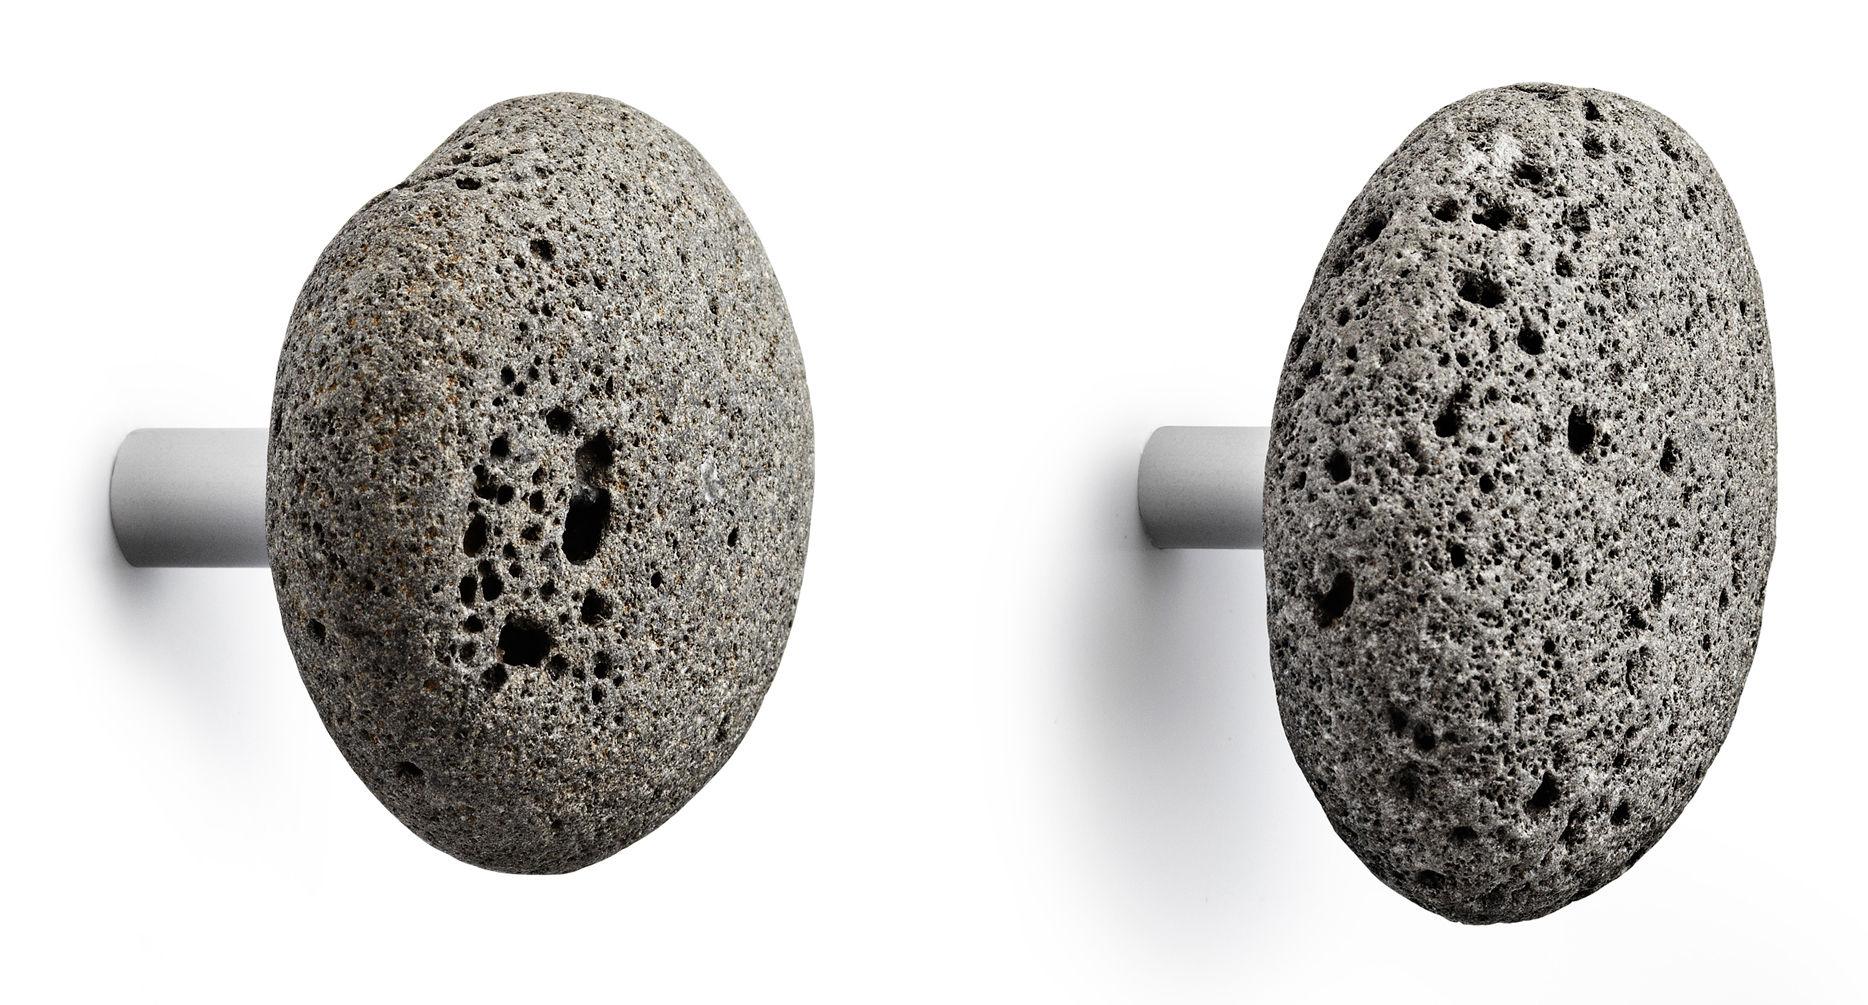 Mobilier - Portemanteaux, patères & portants - Patère Stone / Lot de 2 - Pierre naturelle - Normann Copenhagen - Gris - Acier inoxydable, Pierre